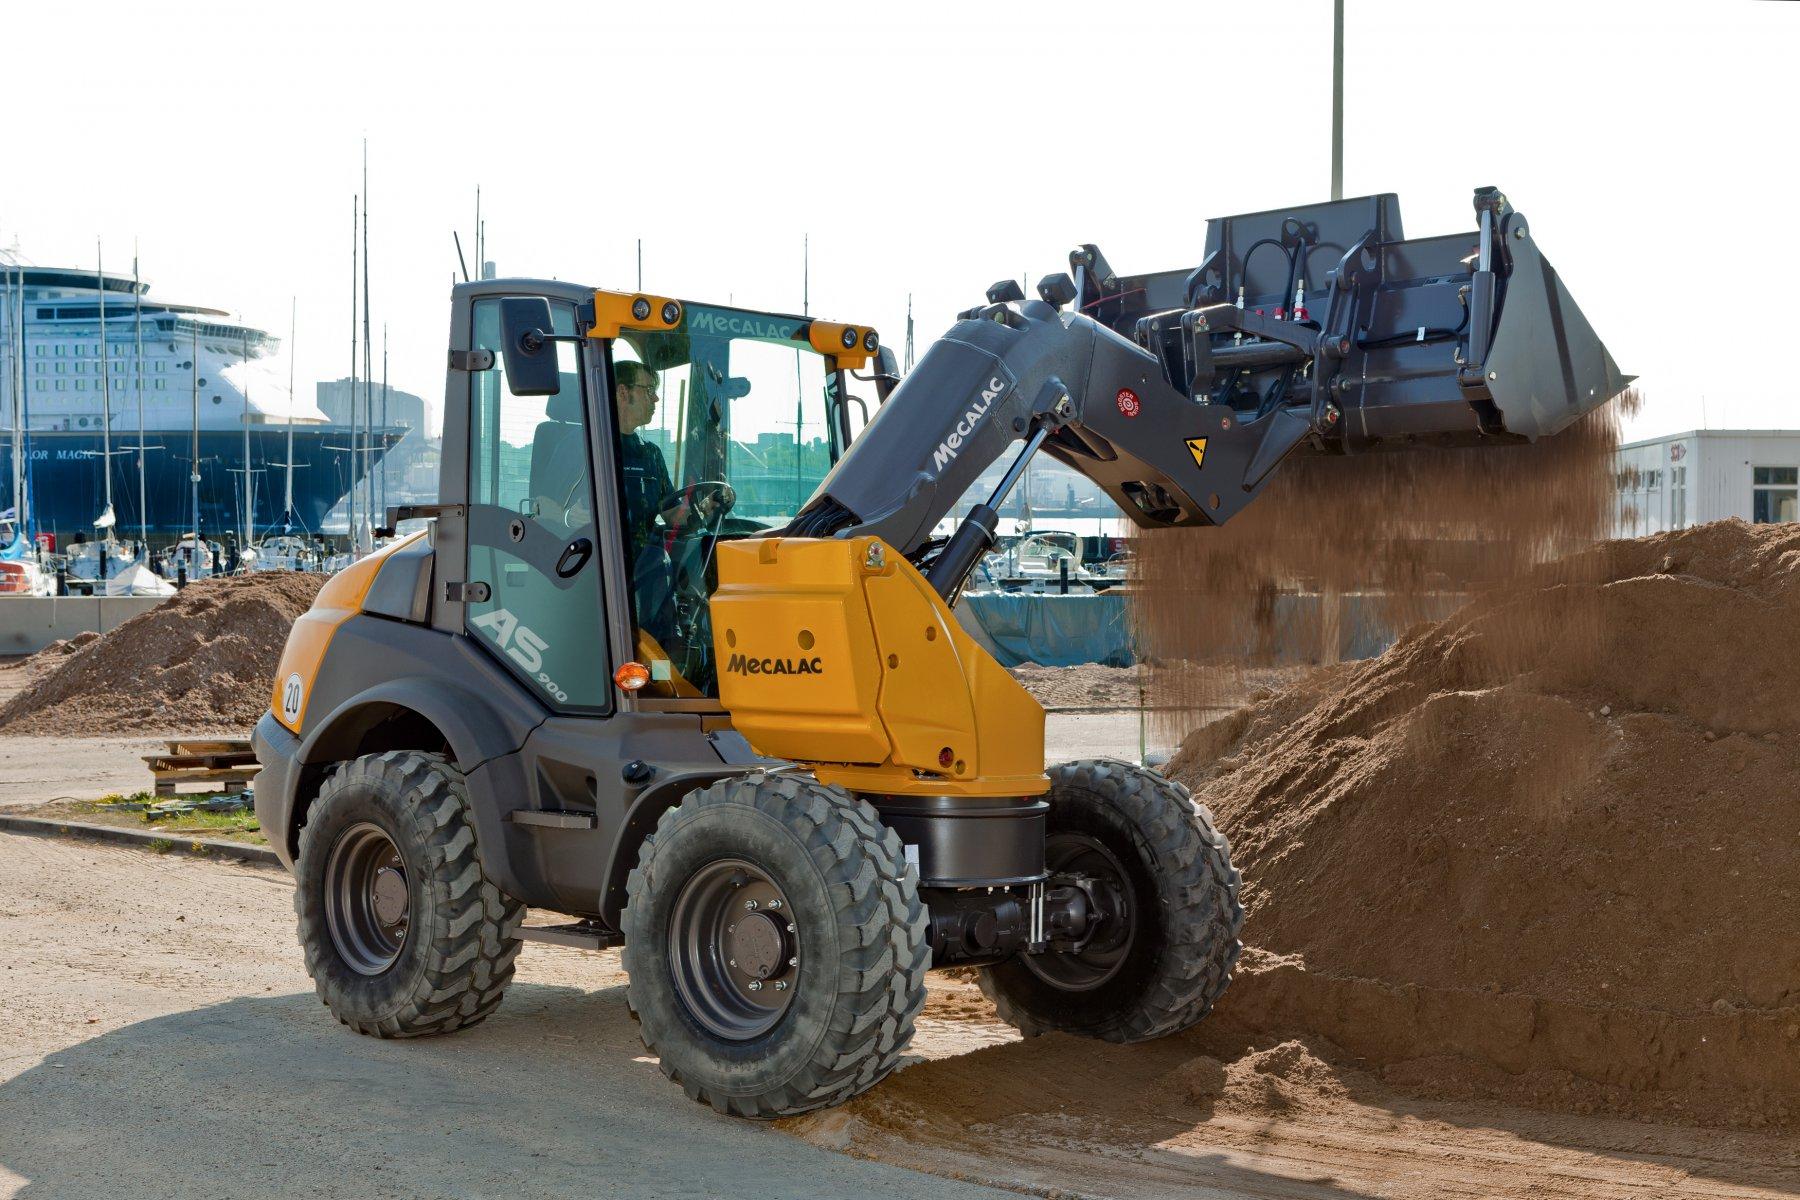 ahlmann ax 850 gebrauchte traktoren mit allrad. Black Bedroom Furniture Sets. Home Design Ideas